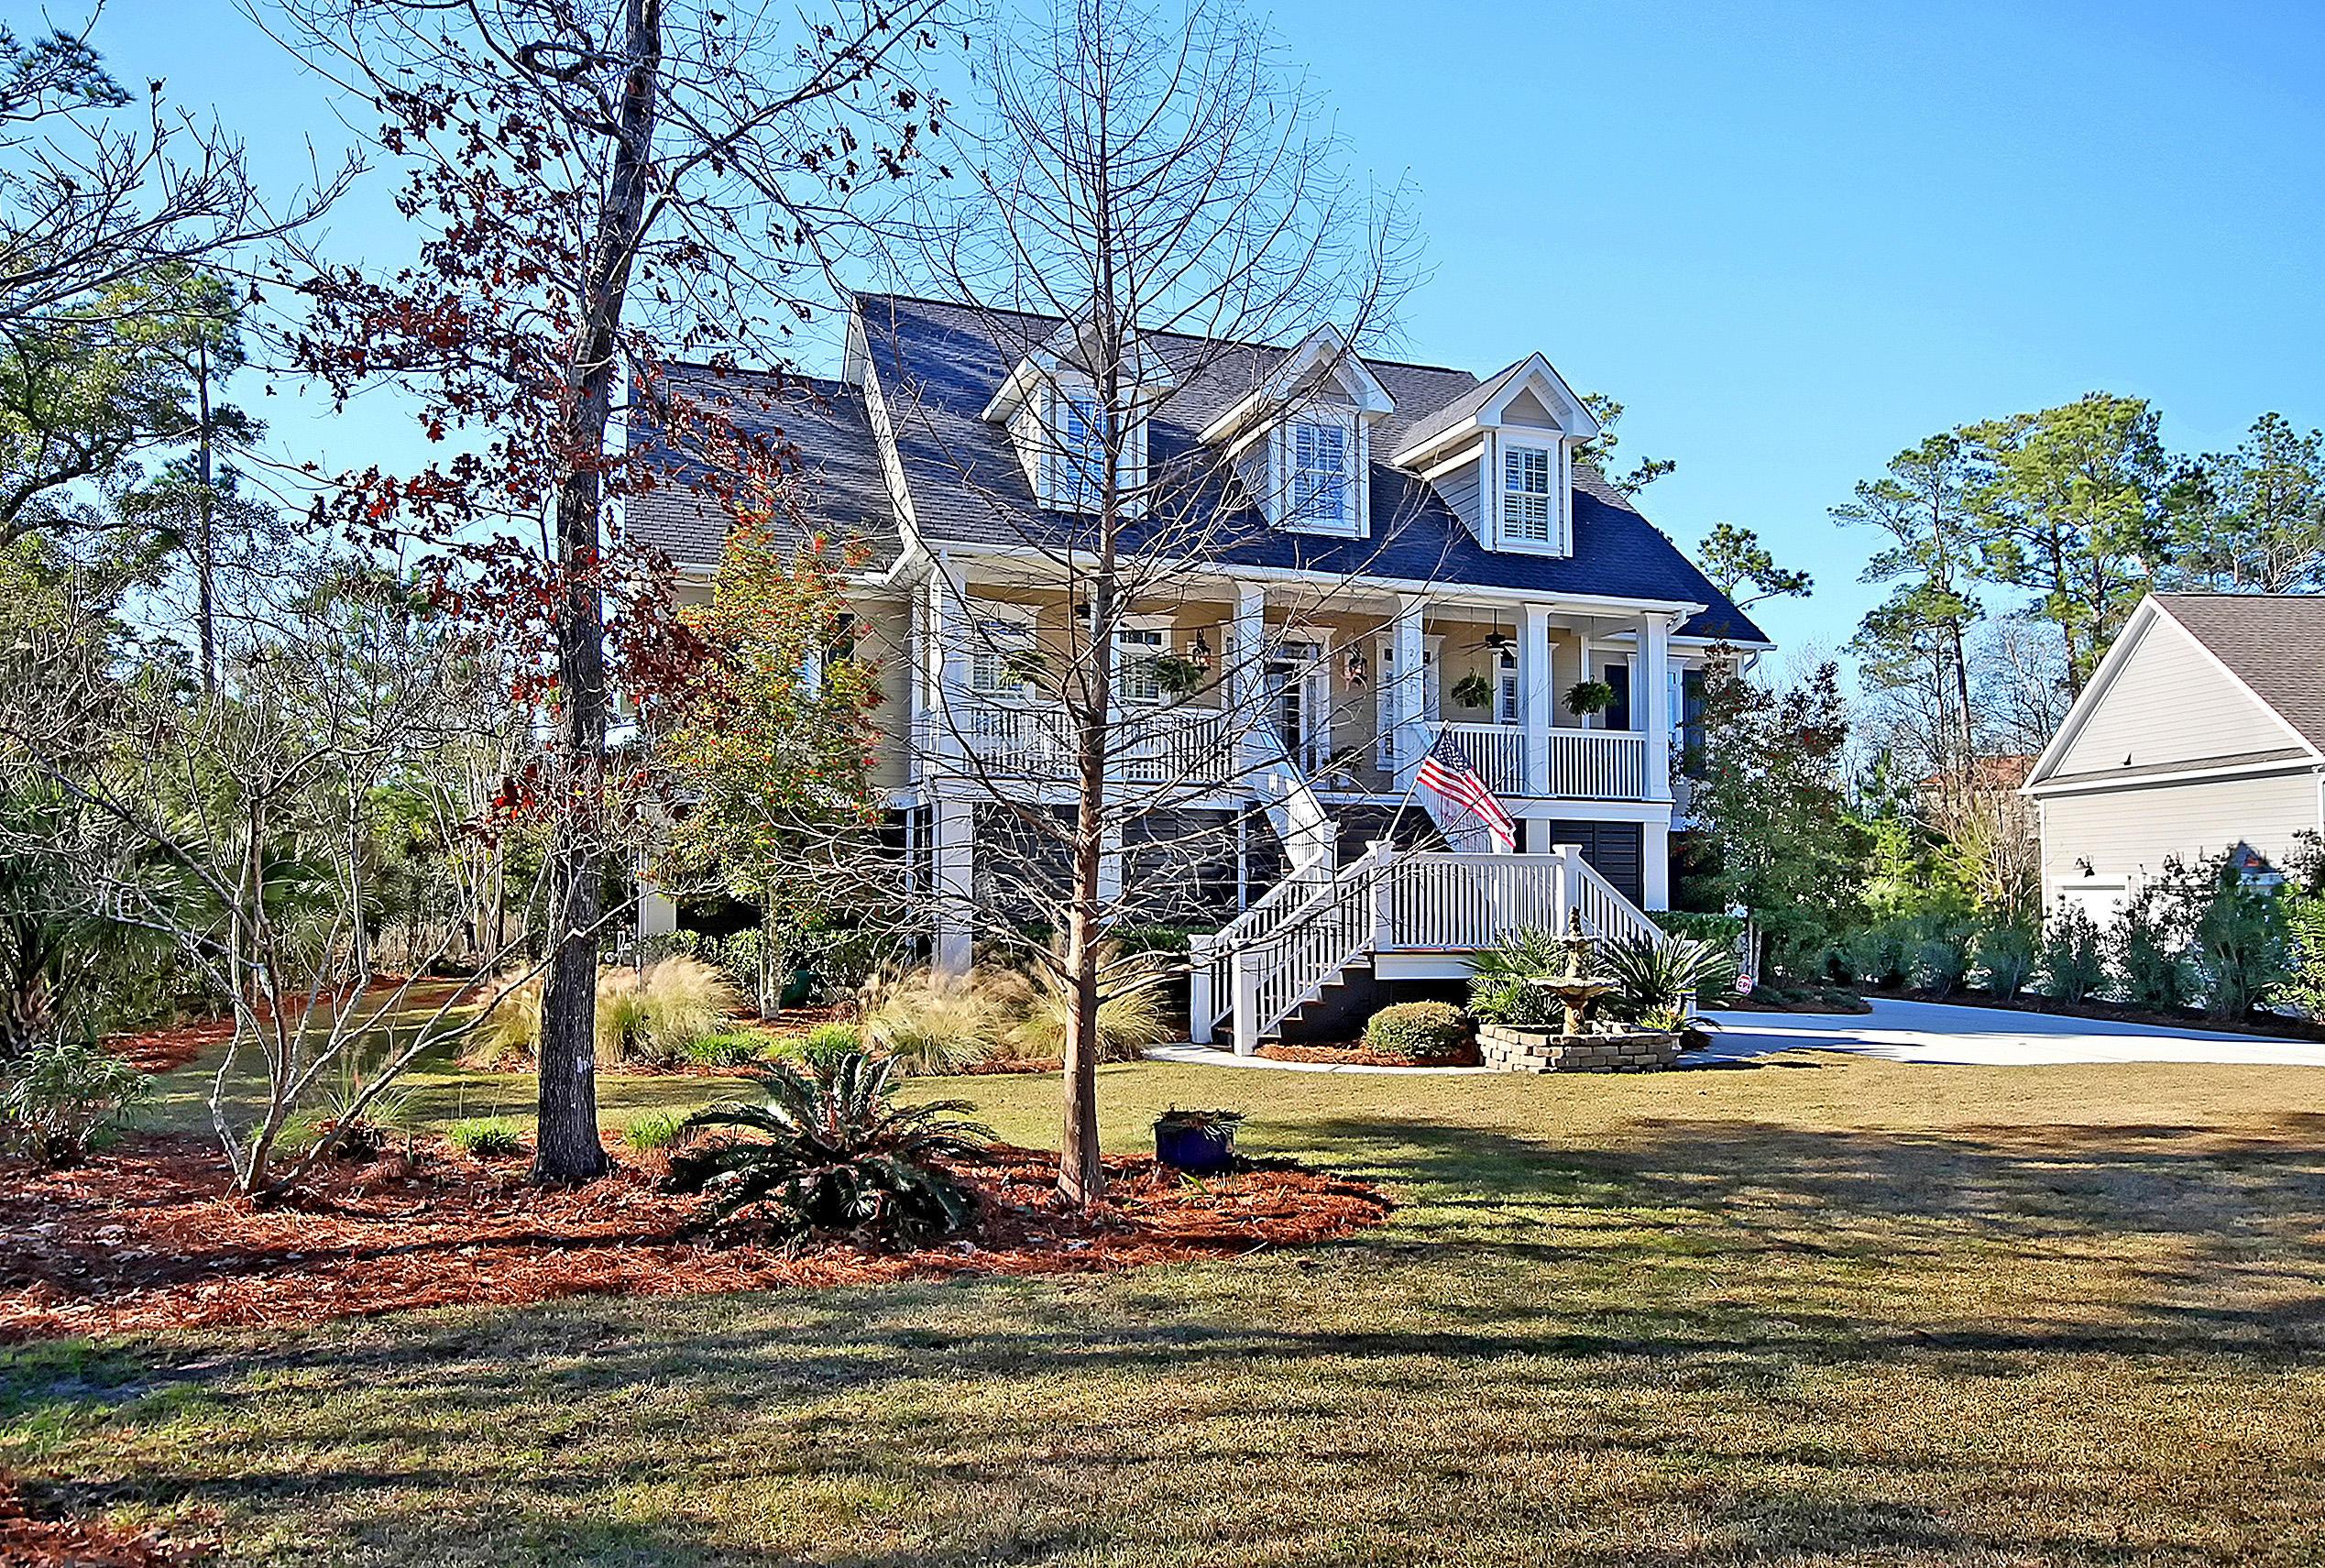 Dunes West Homes For Sale - 2721 Fountainhead, Mount Pleasant, SC - 23